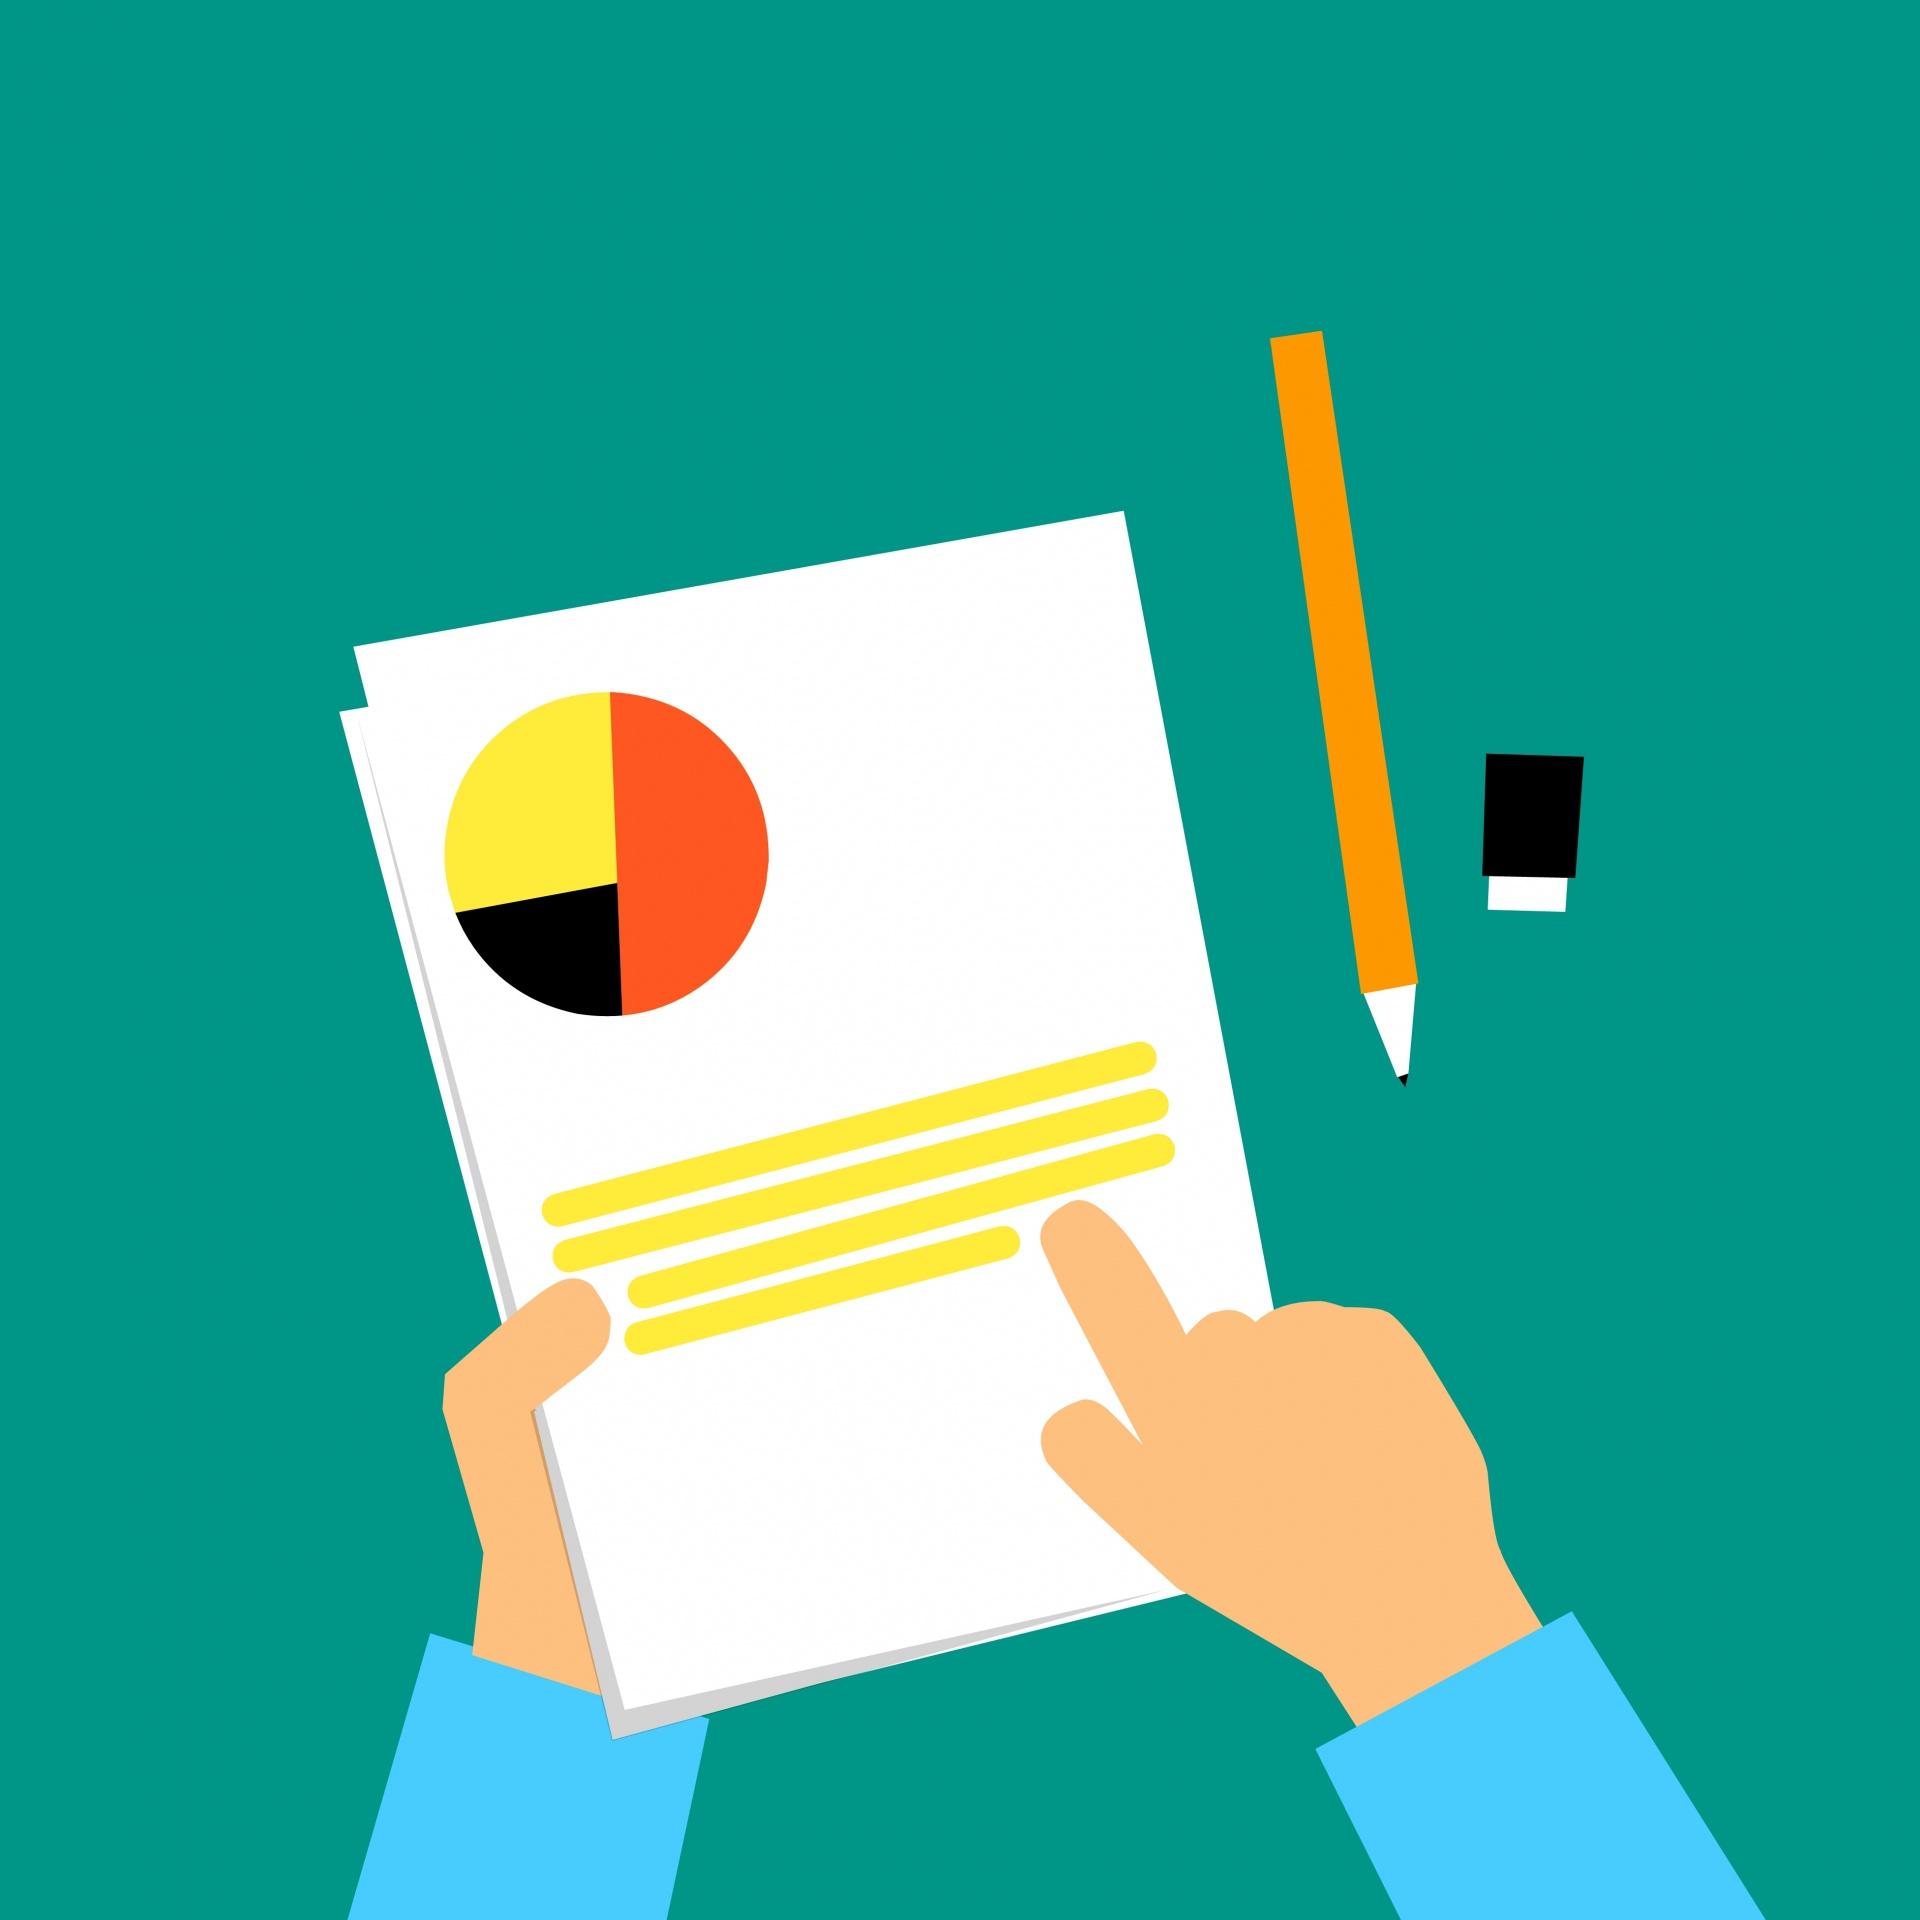 เผยเทคนิค ช่วยให้การเขียนรายงานง่ายขึ้น !